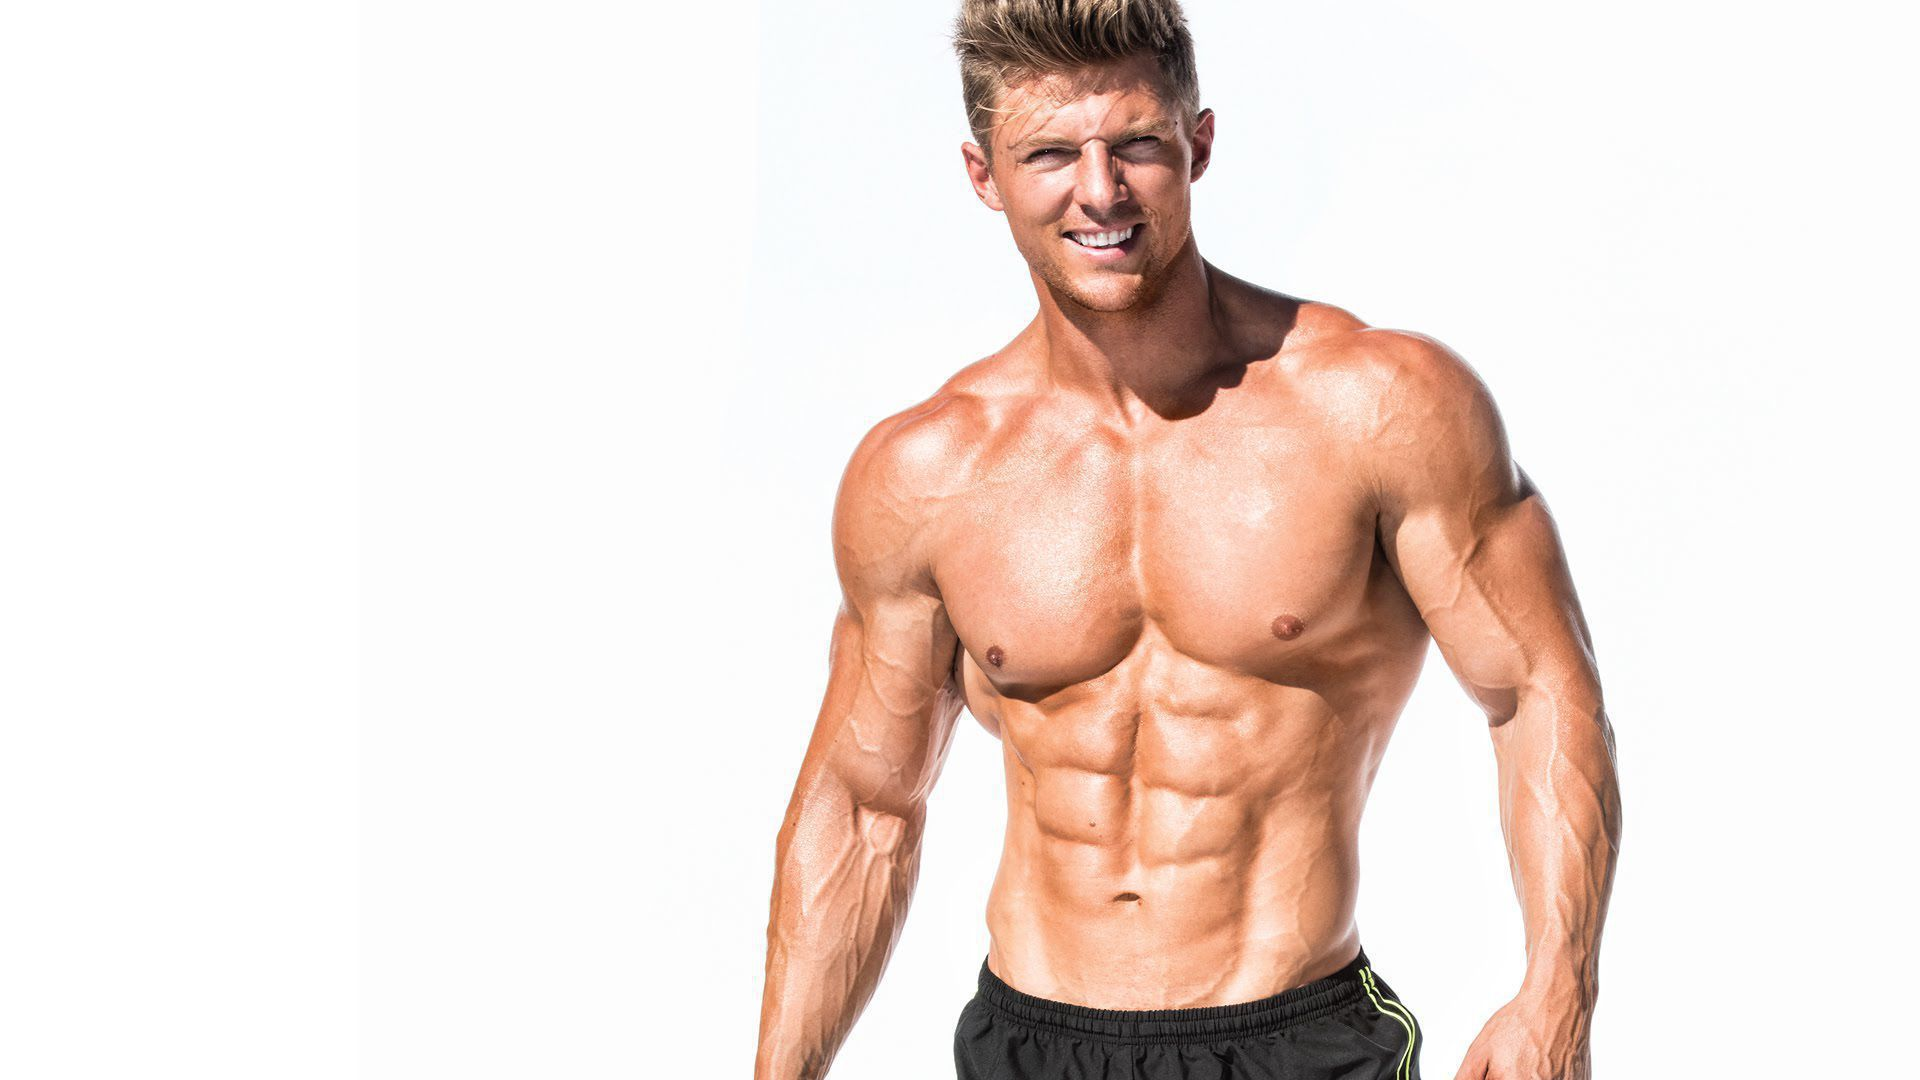 Стив кук – звезда пляжного бодибилдинга.  информация о стиве куке с его сайта, а также из интервью cutandjacked.com: